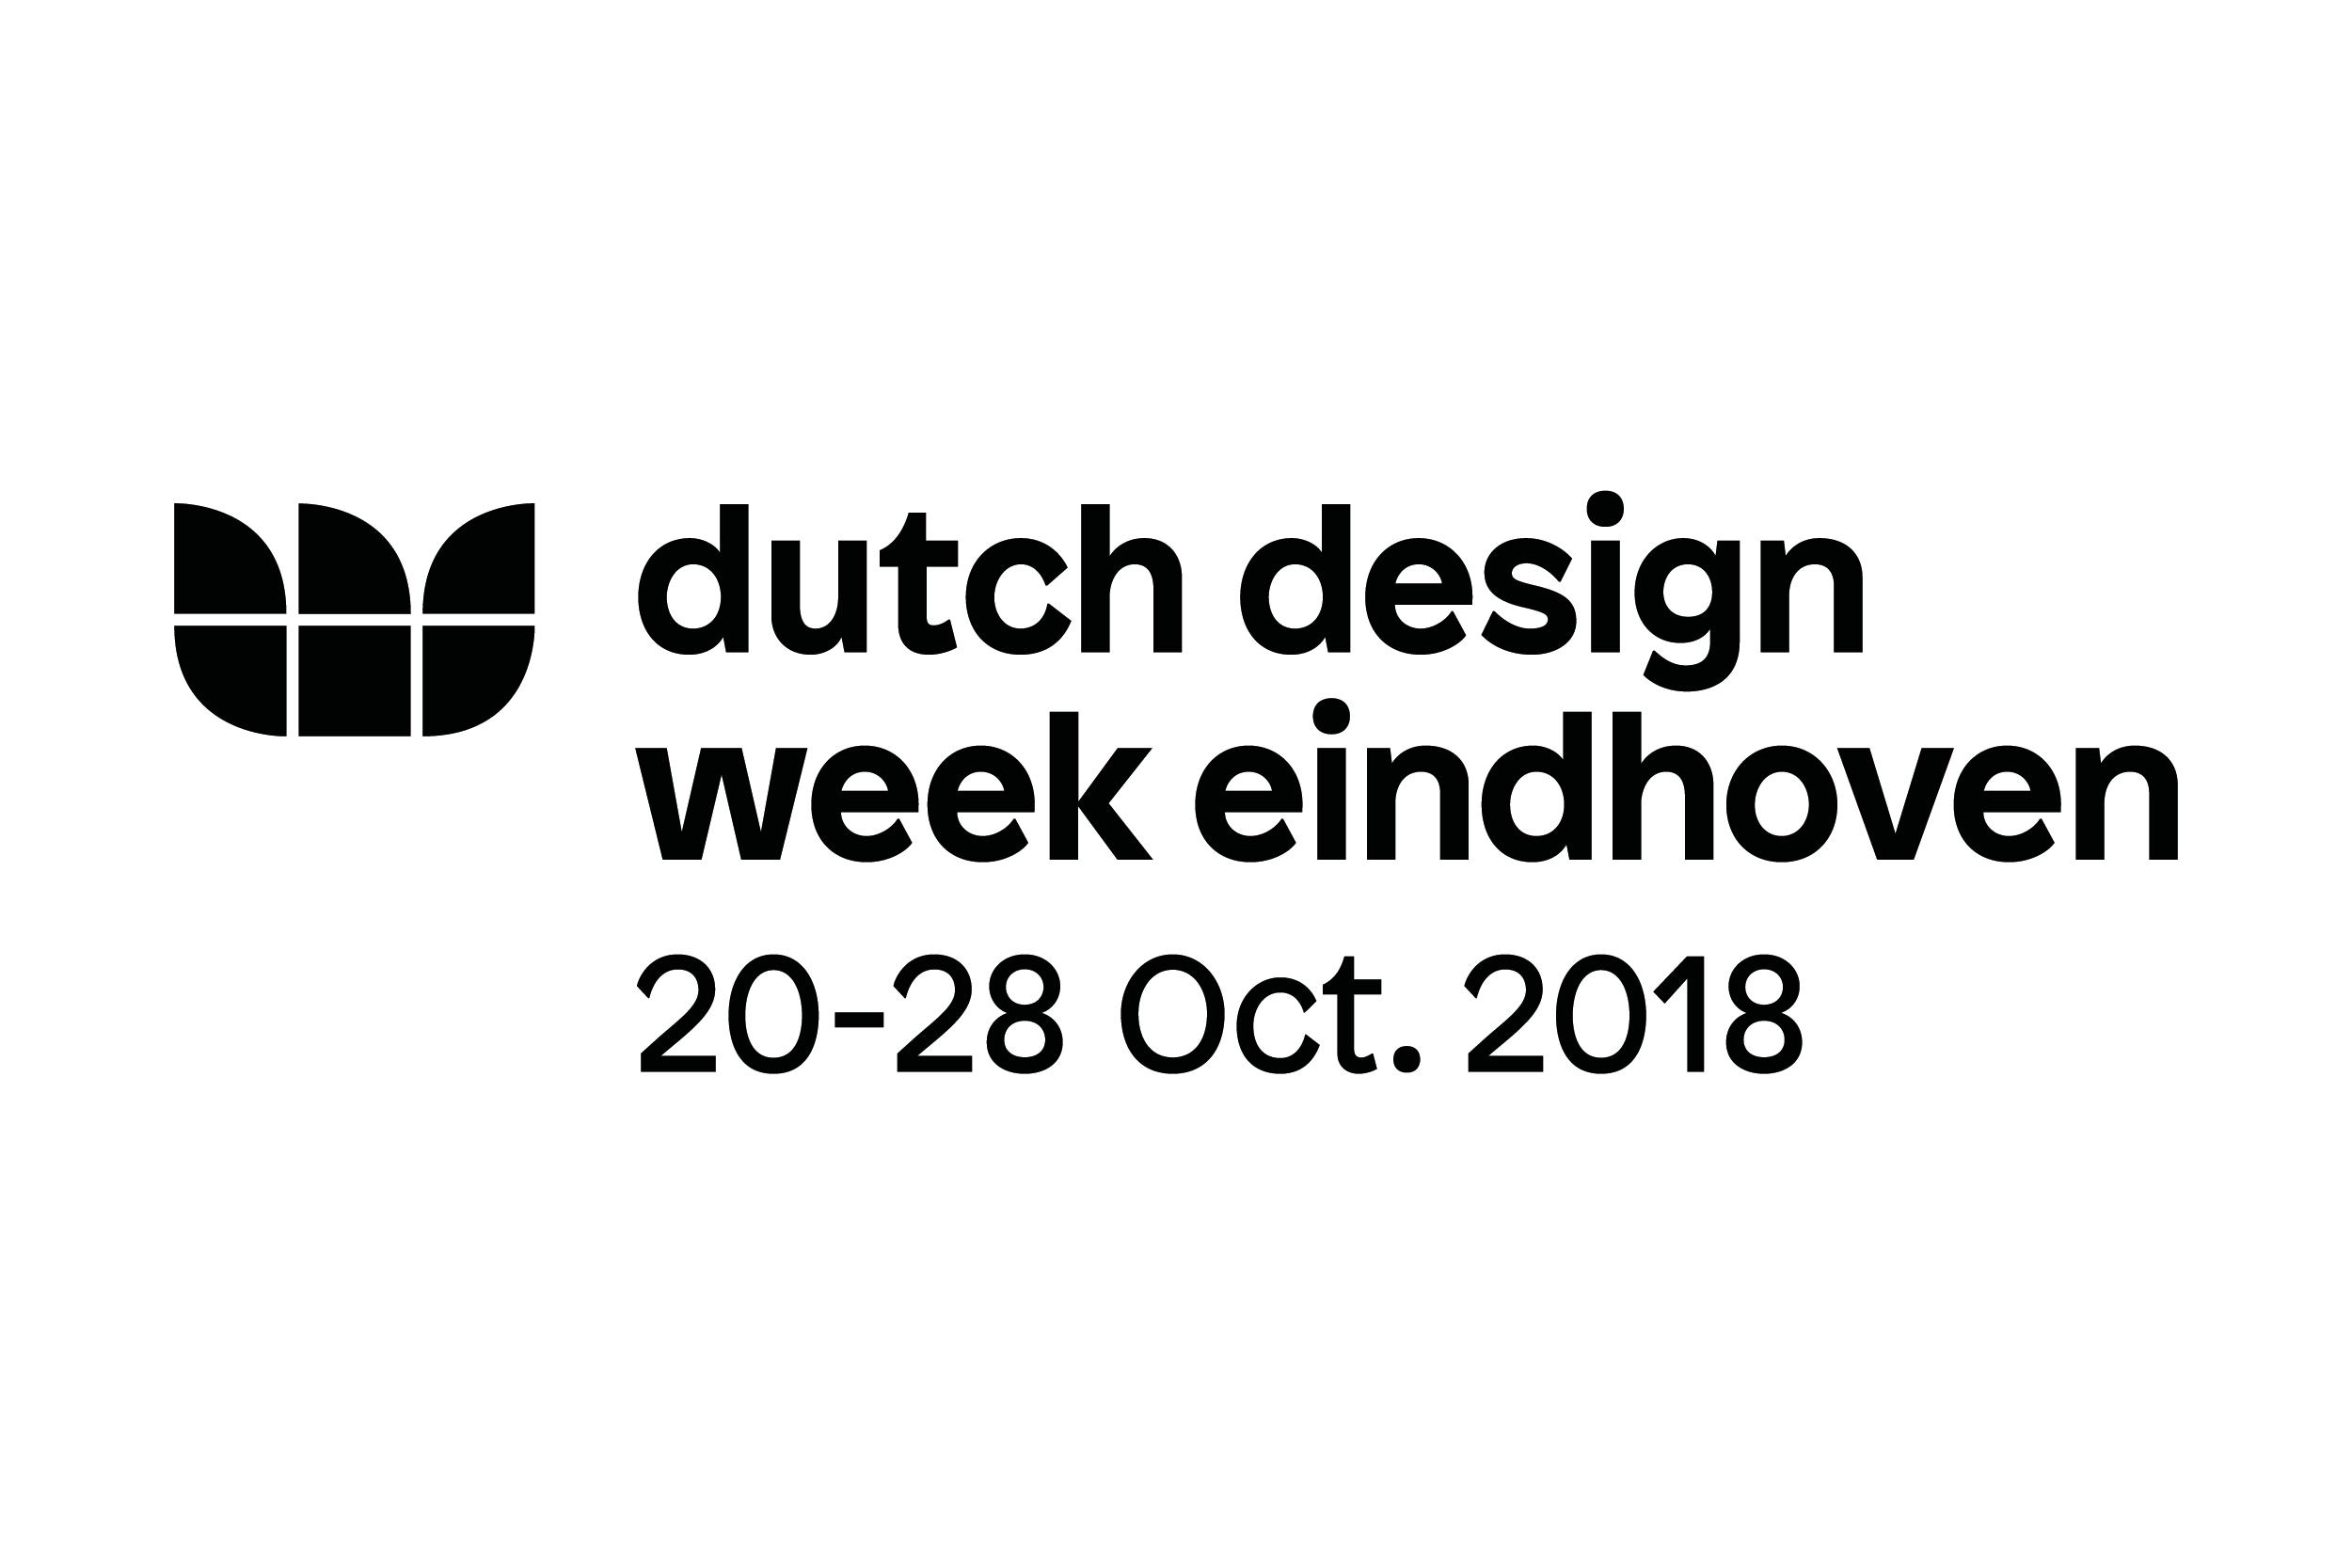 DDW 2018 logo met datum - Marloes Philipse.jpg